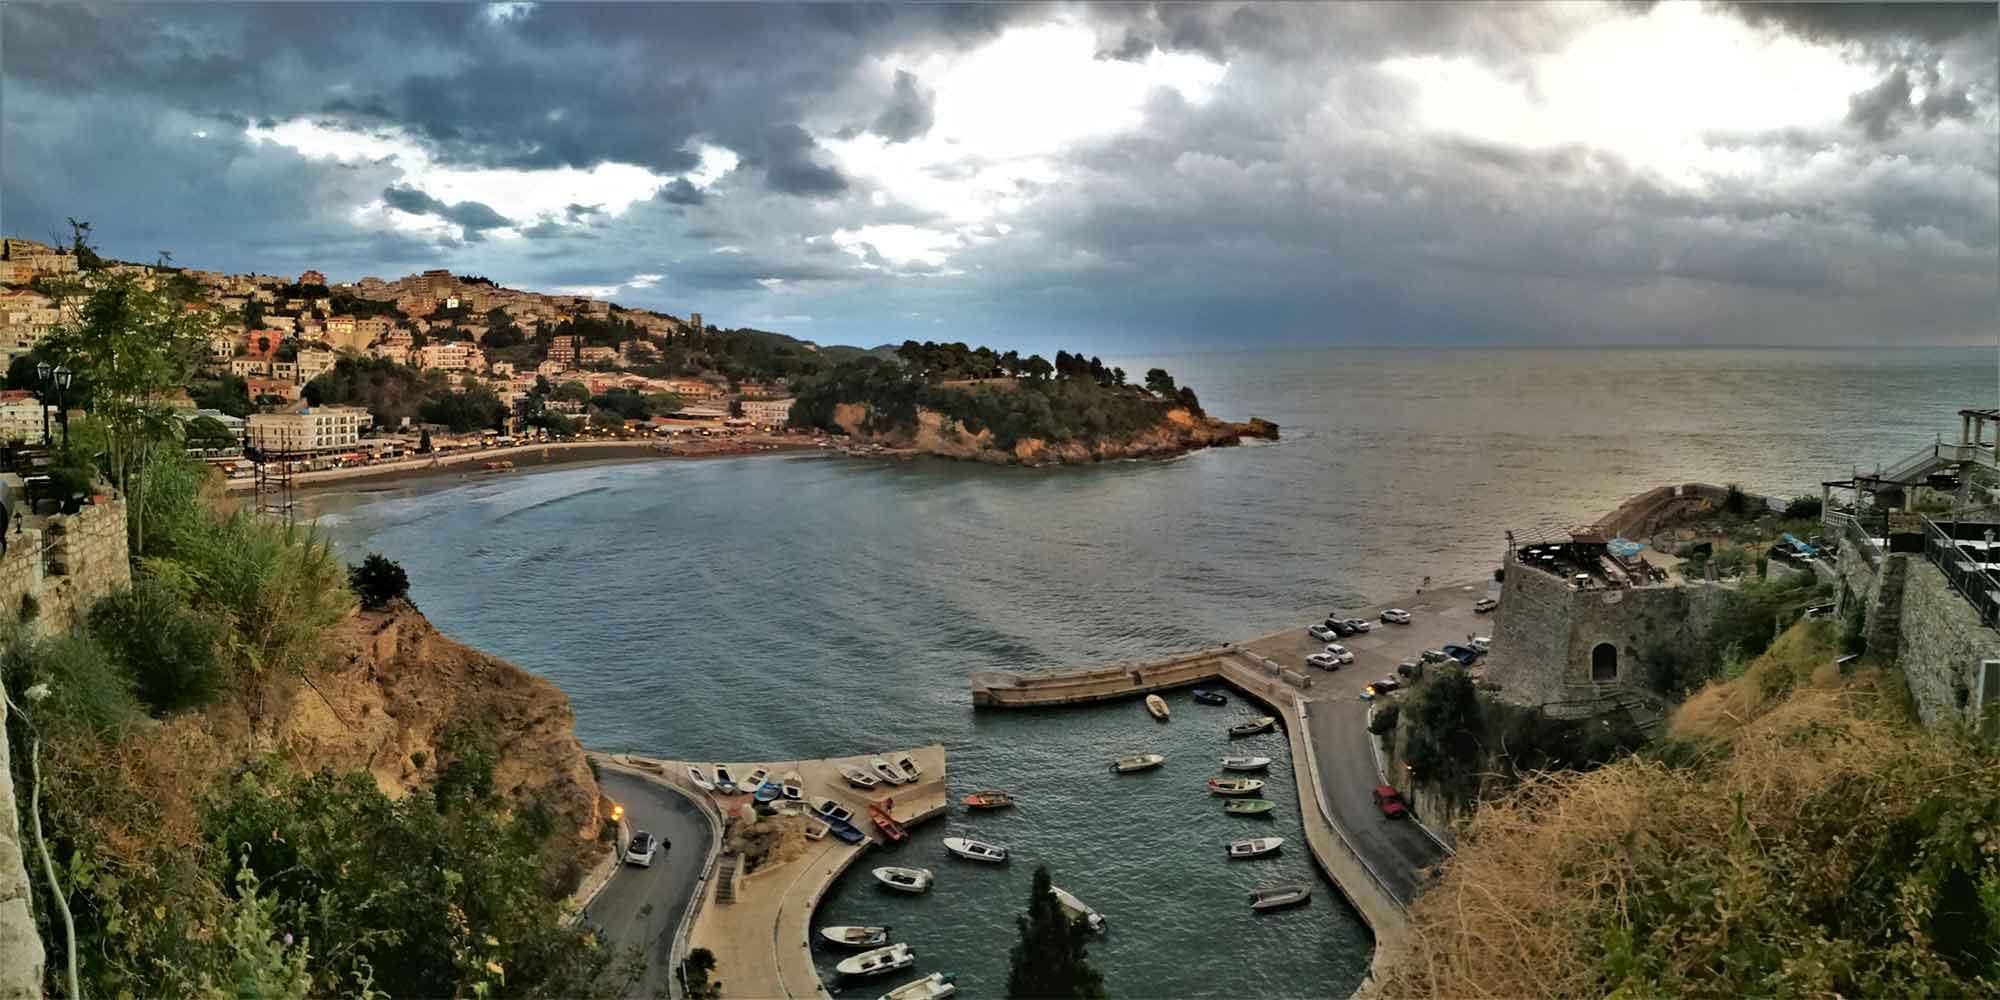 Výhled ze starého města na záliv